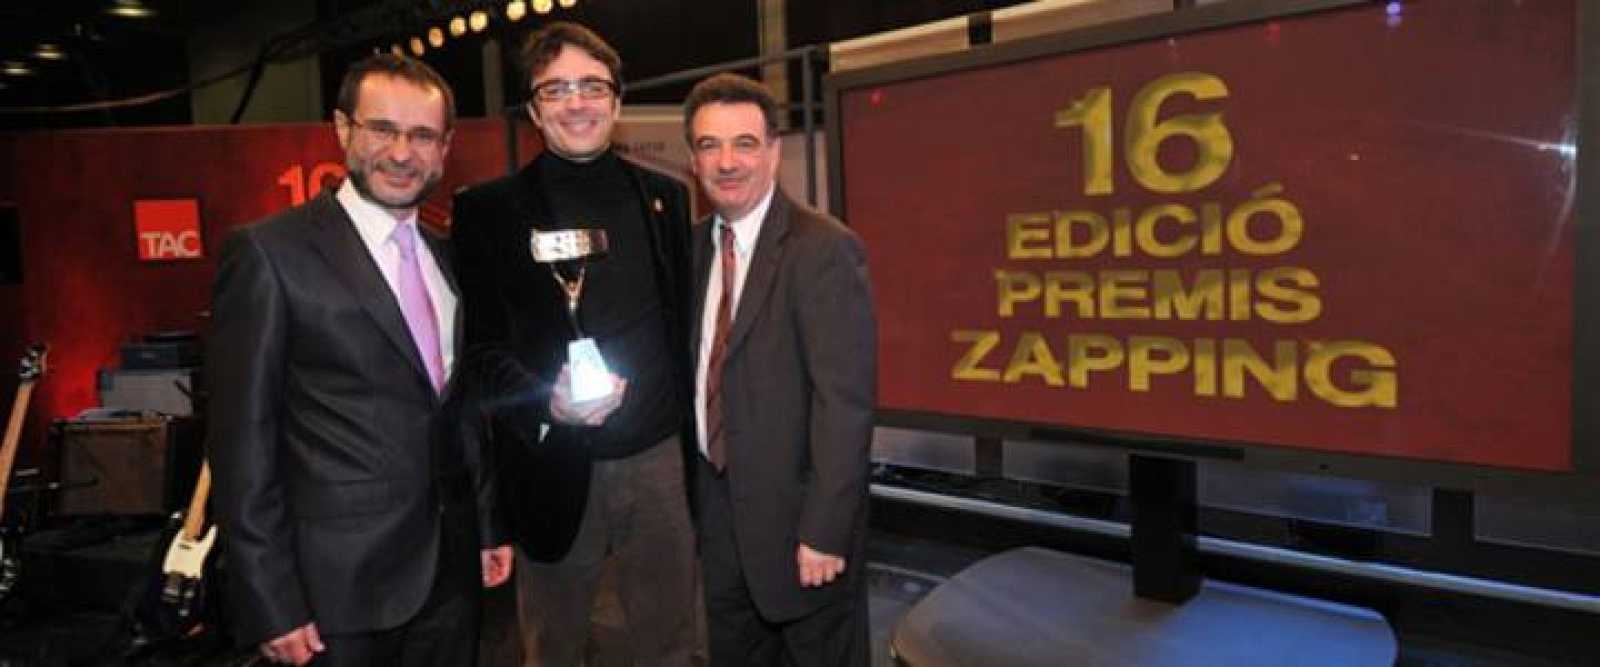 Premio Zapping al Telediario Fin de Semana